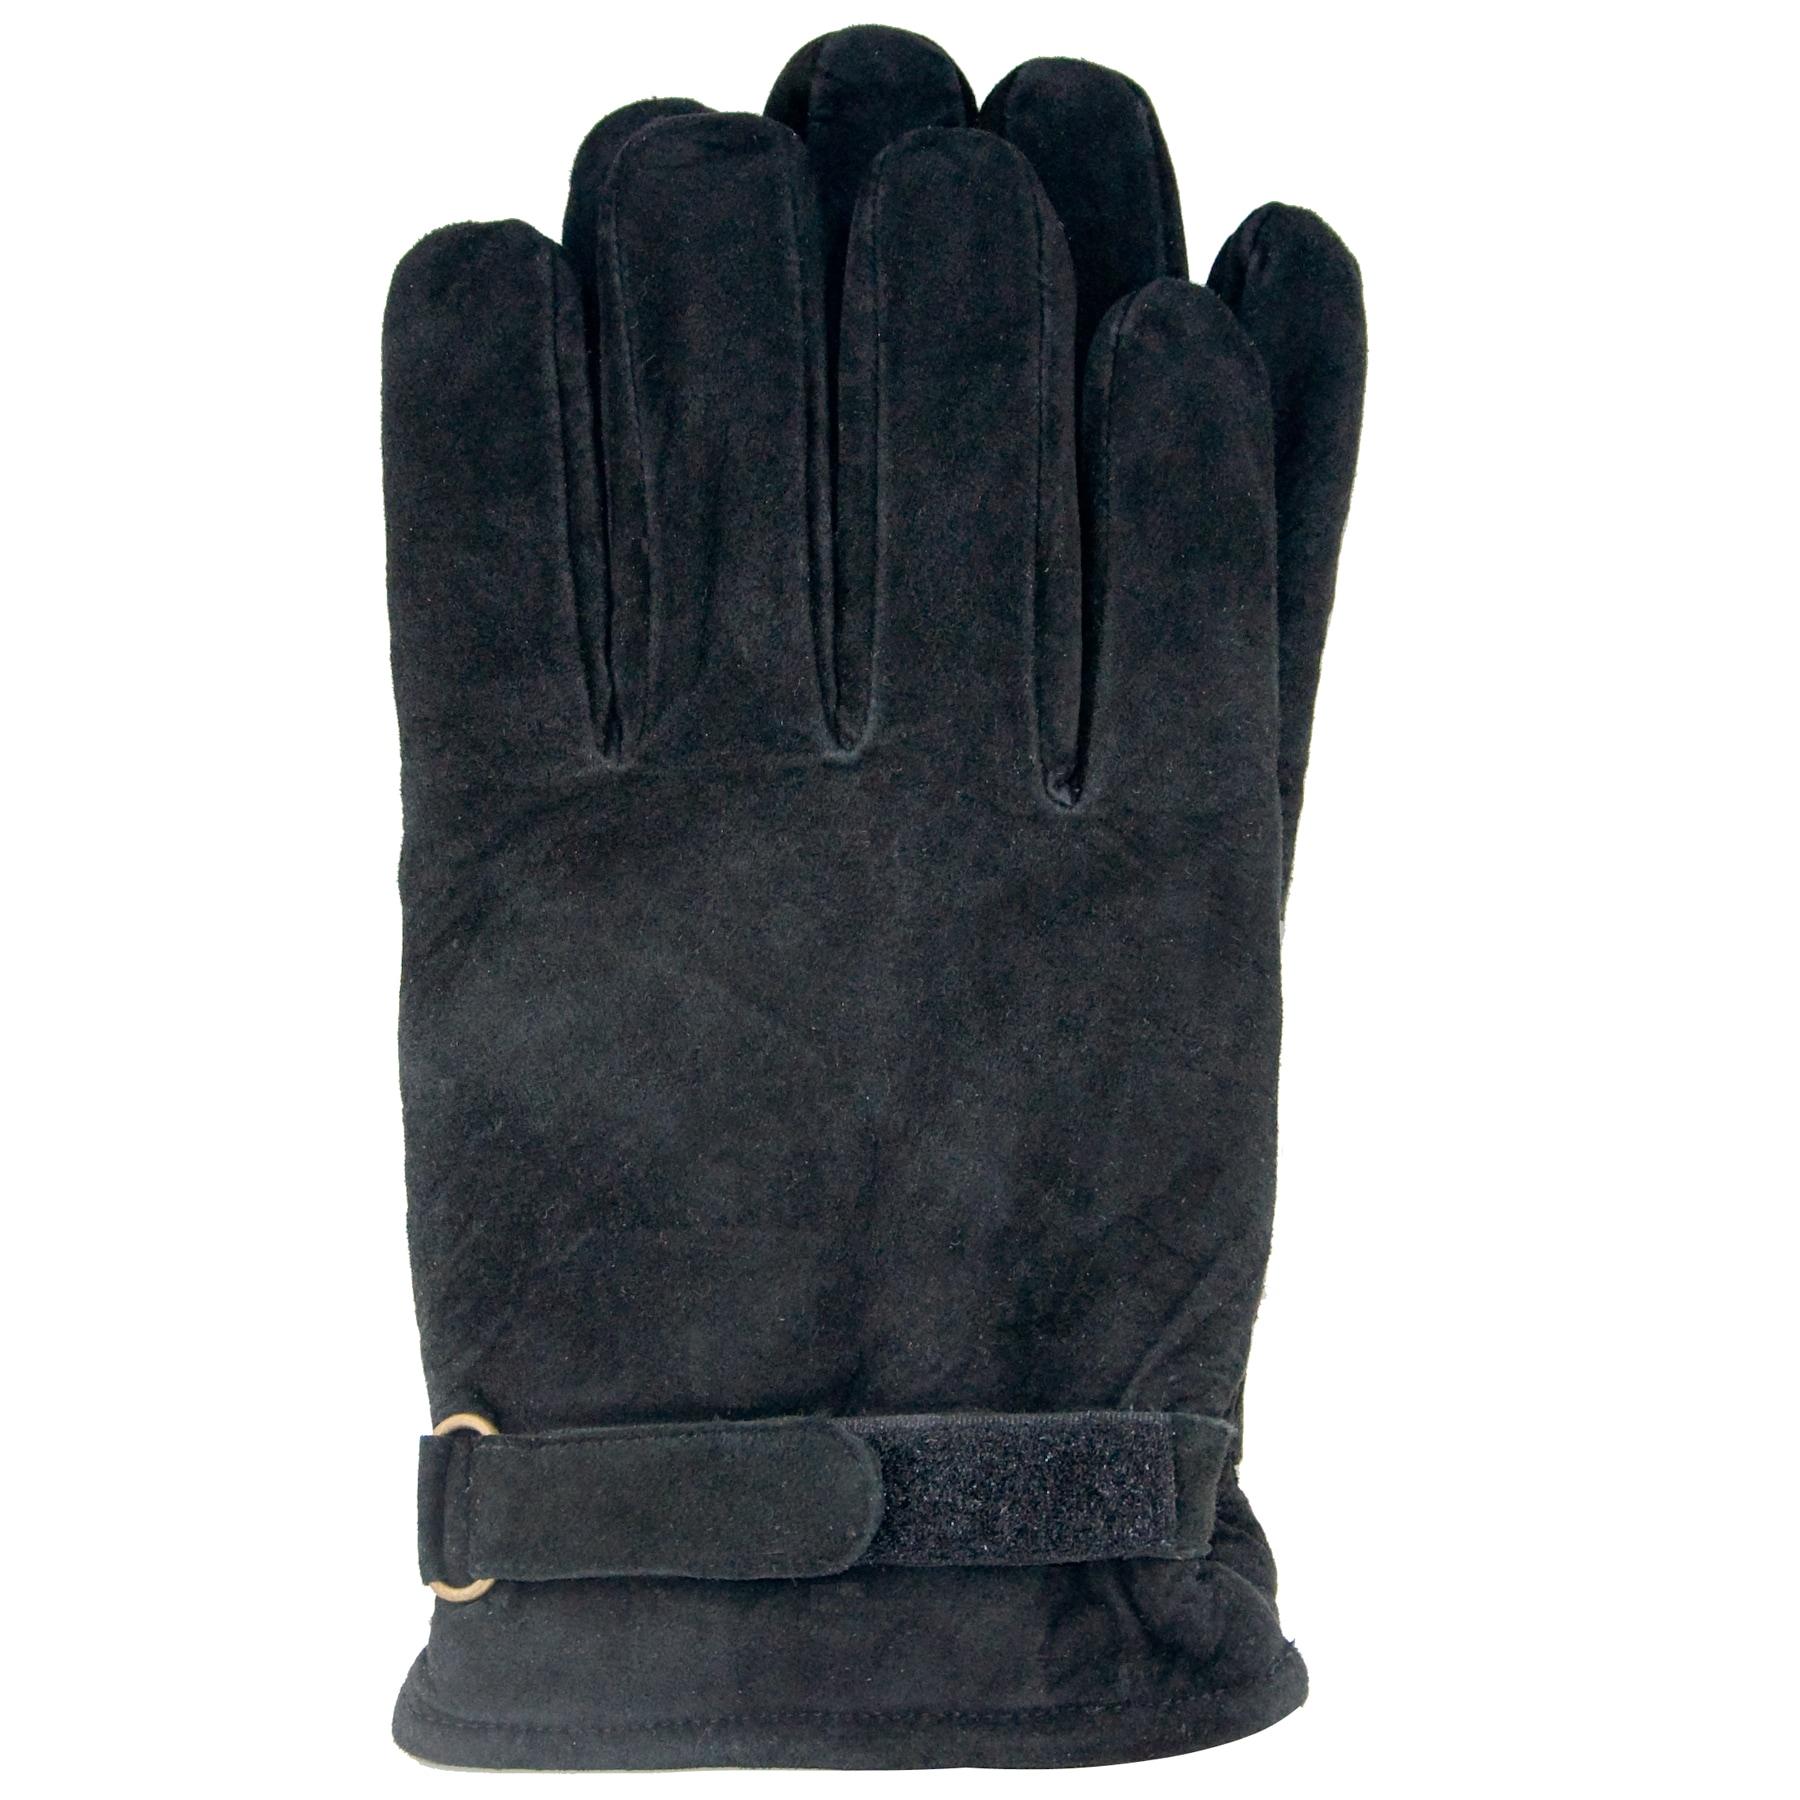 Isotoner Men's Black Extra Large Suede Gloves